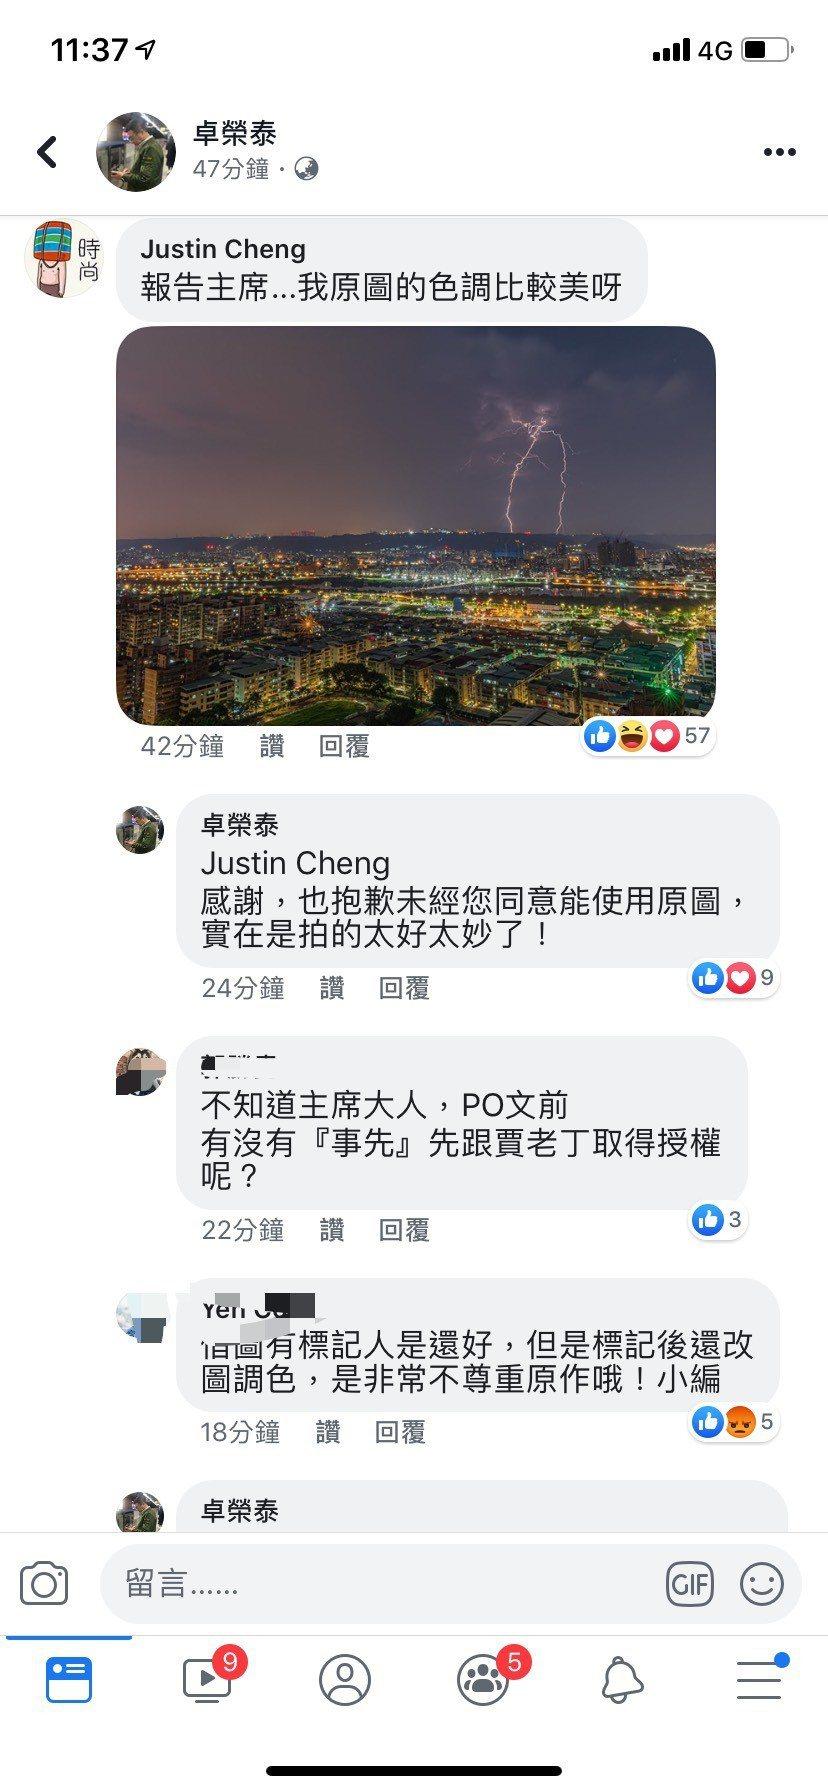 「盜用」閃電台灣照還調色 卓榮泰道歉:拍的太好太妙了